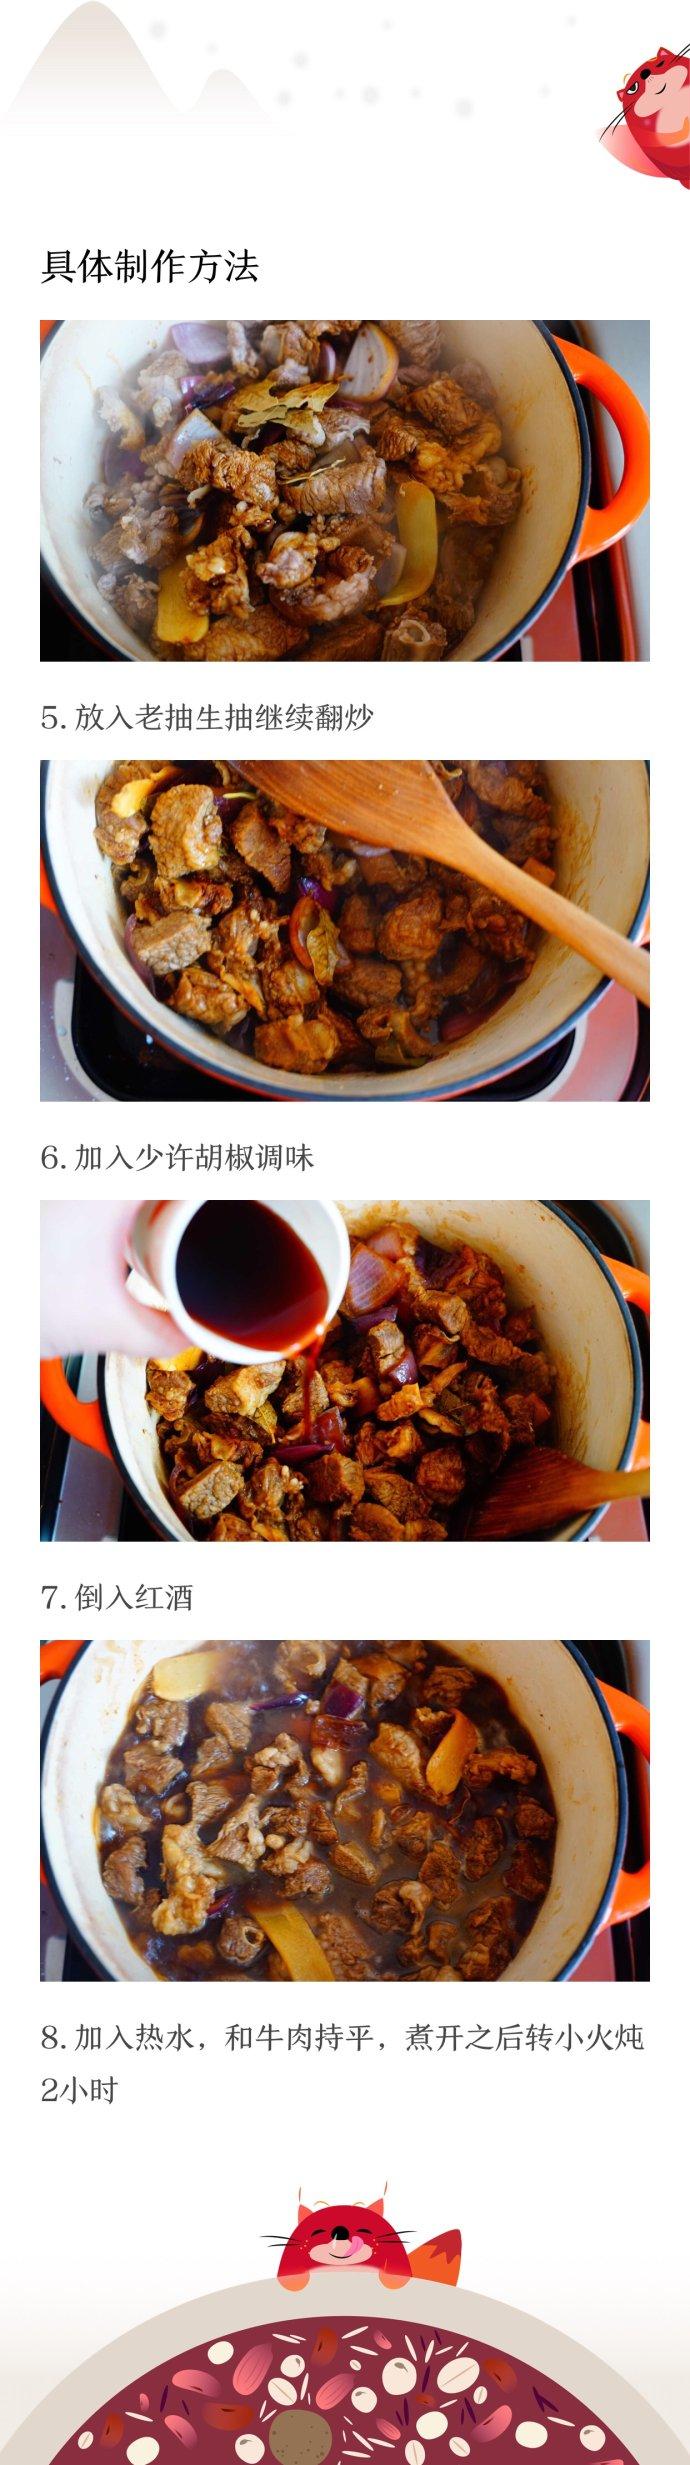 春节菜谱-罐焖牛肉